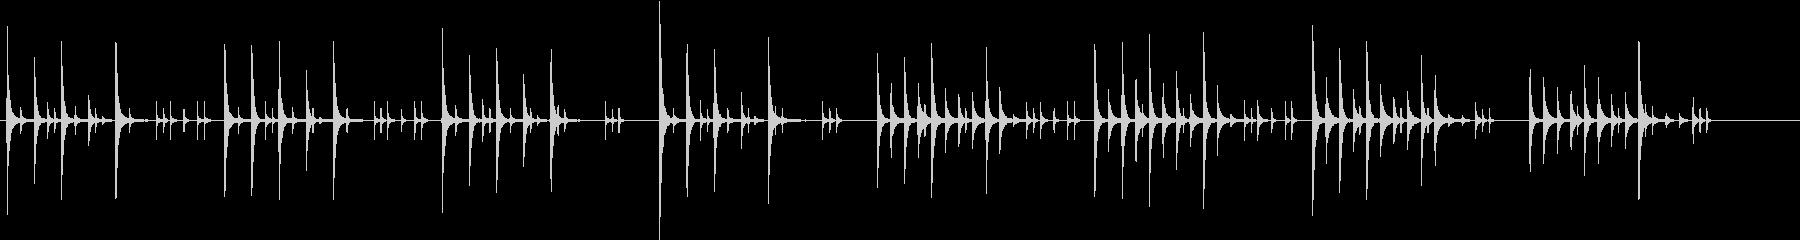 コミカルな曲調で柔らかい雰囲気のジングルの未再生の波形